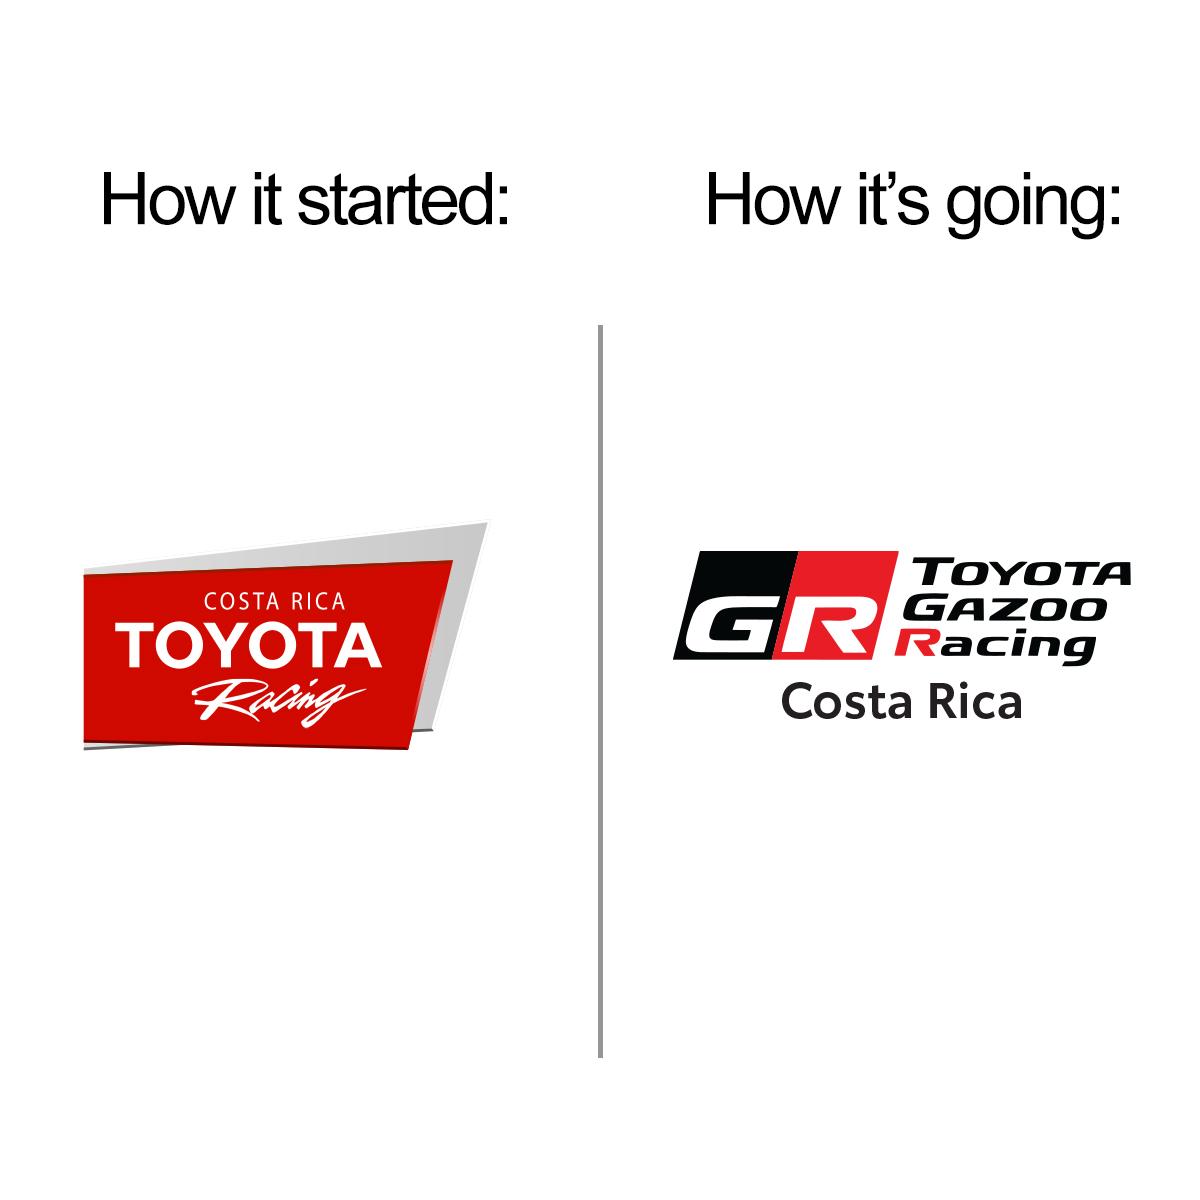 Toyota Racing ahora es Toyota Gazoo Racing Costa Rica, el perfil oficial en Facebook de la Escudería Toyota Gazoo Racing Costa Rica y el lugar ideal para estar al día con la participación de Toyota en las competencias del mundo. Dale me gusta en FB: https://t.co/unL822WS7M https://t.co/1Avy3b98SK